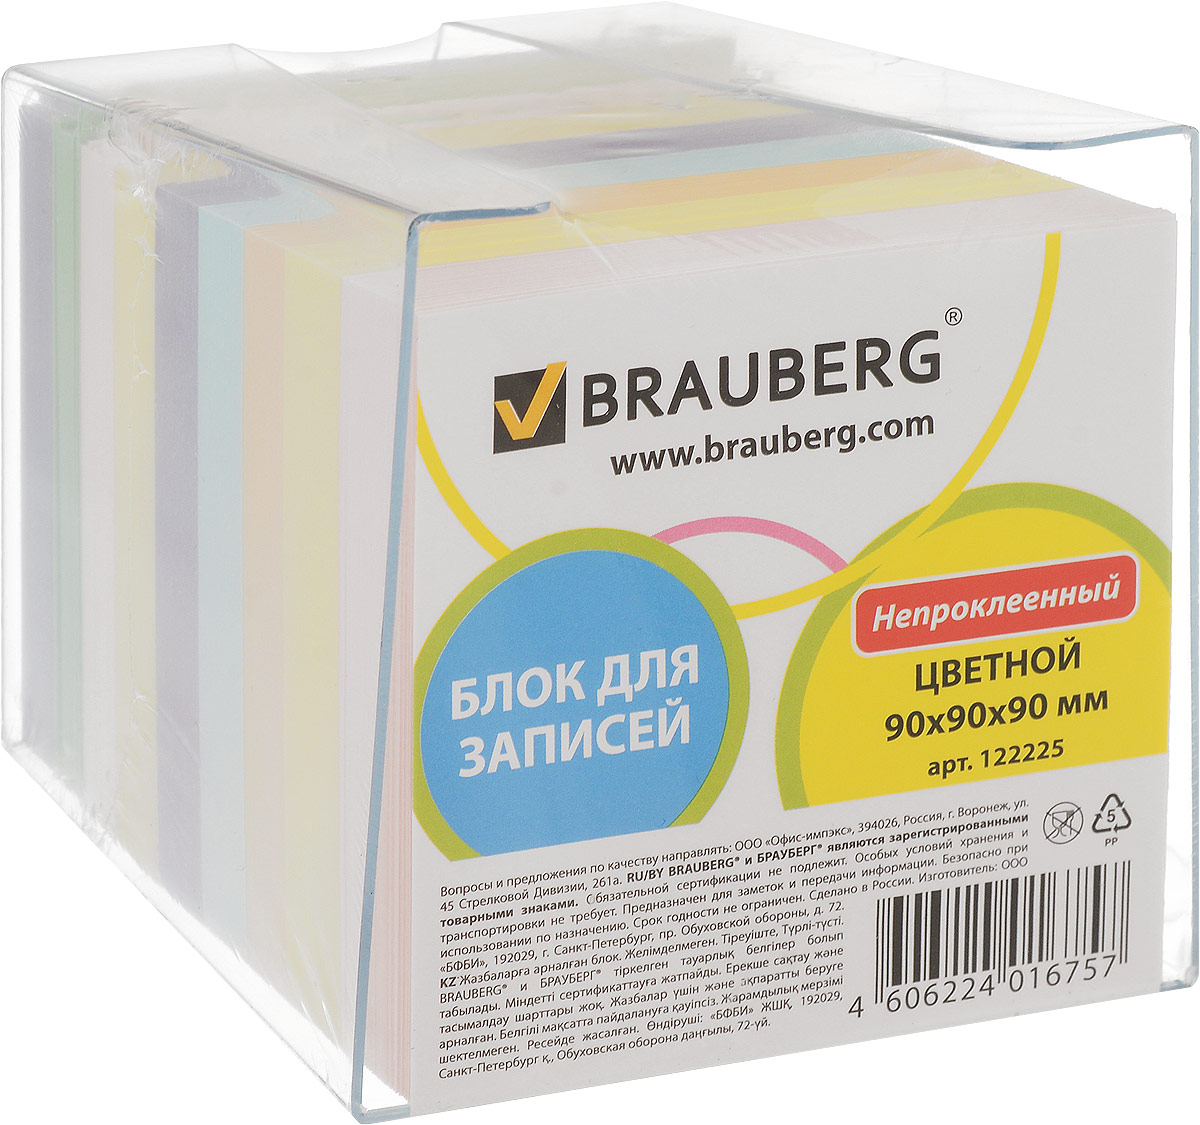 Brauberg Блок для записей непроклеенный 9 х 9 см 122225 -  Бумага для заметок, стикеры, закладки